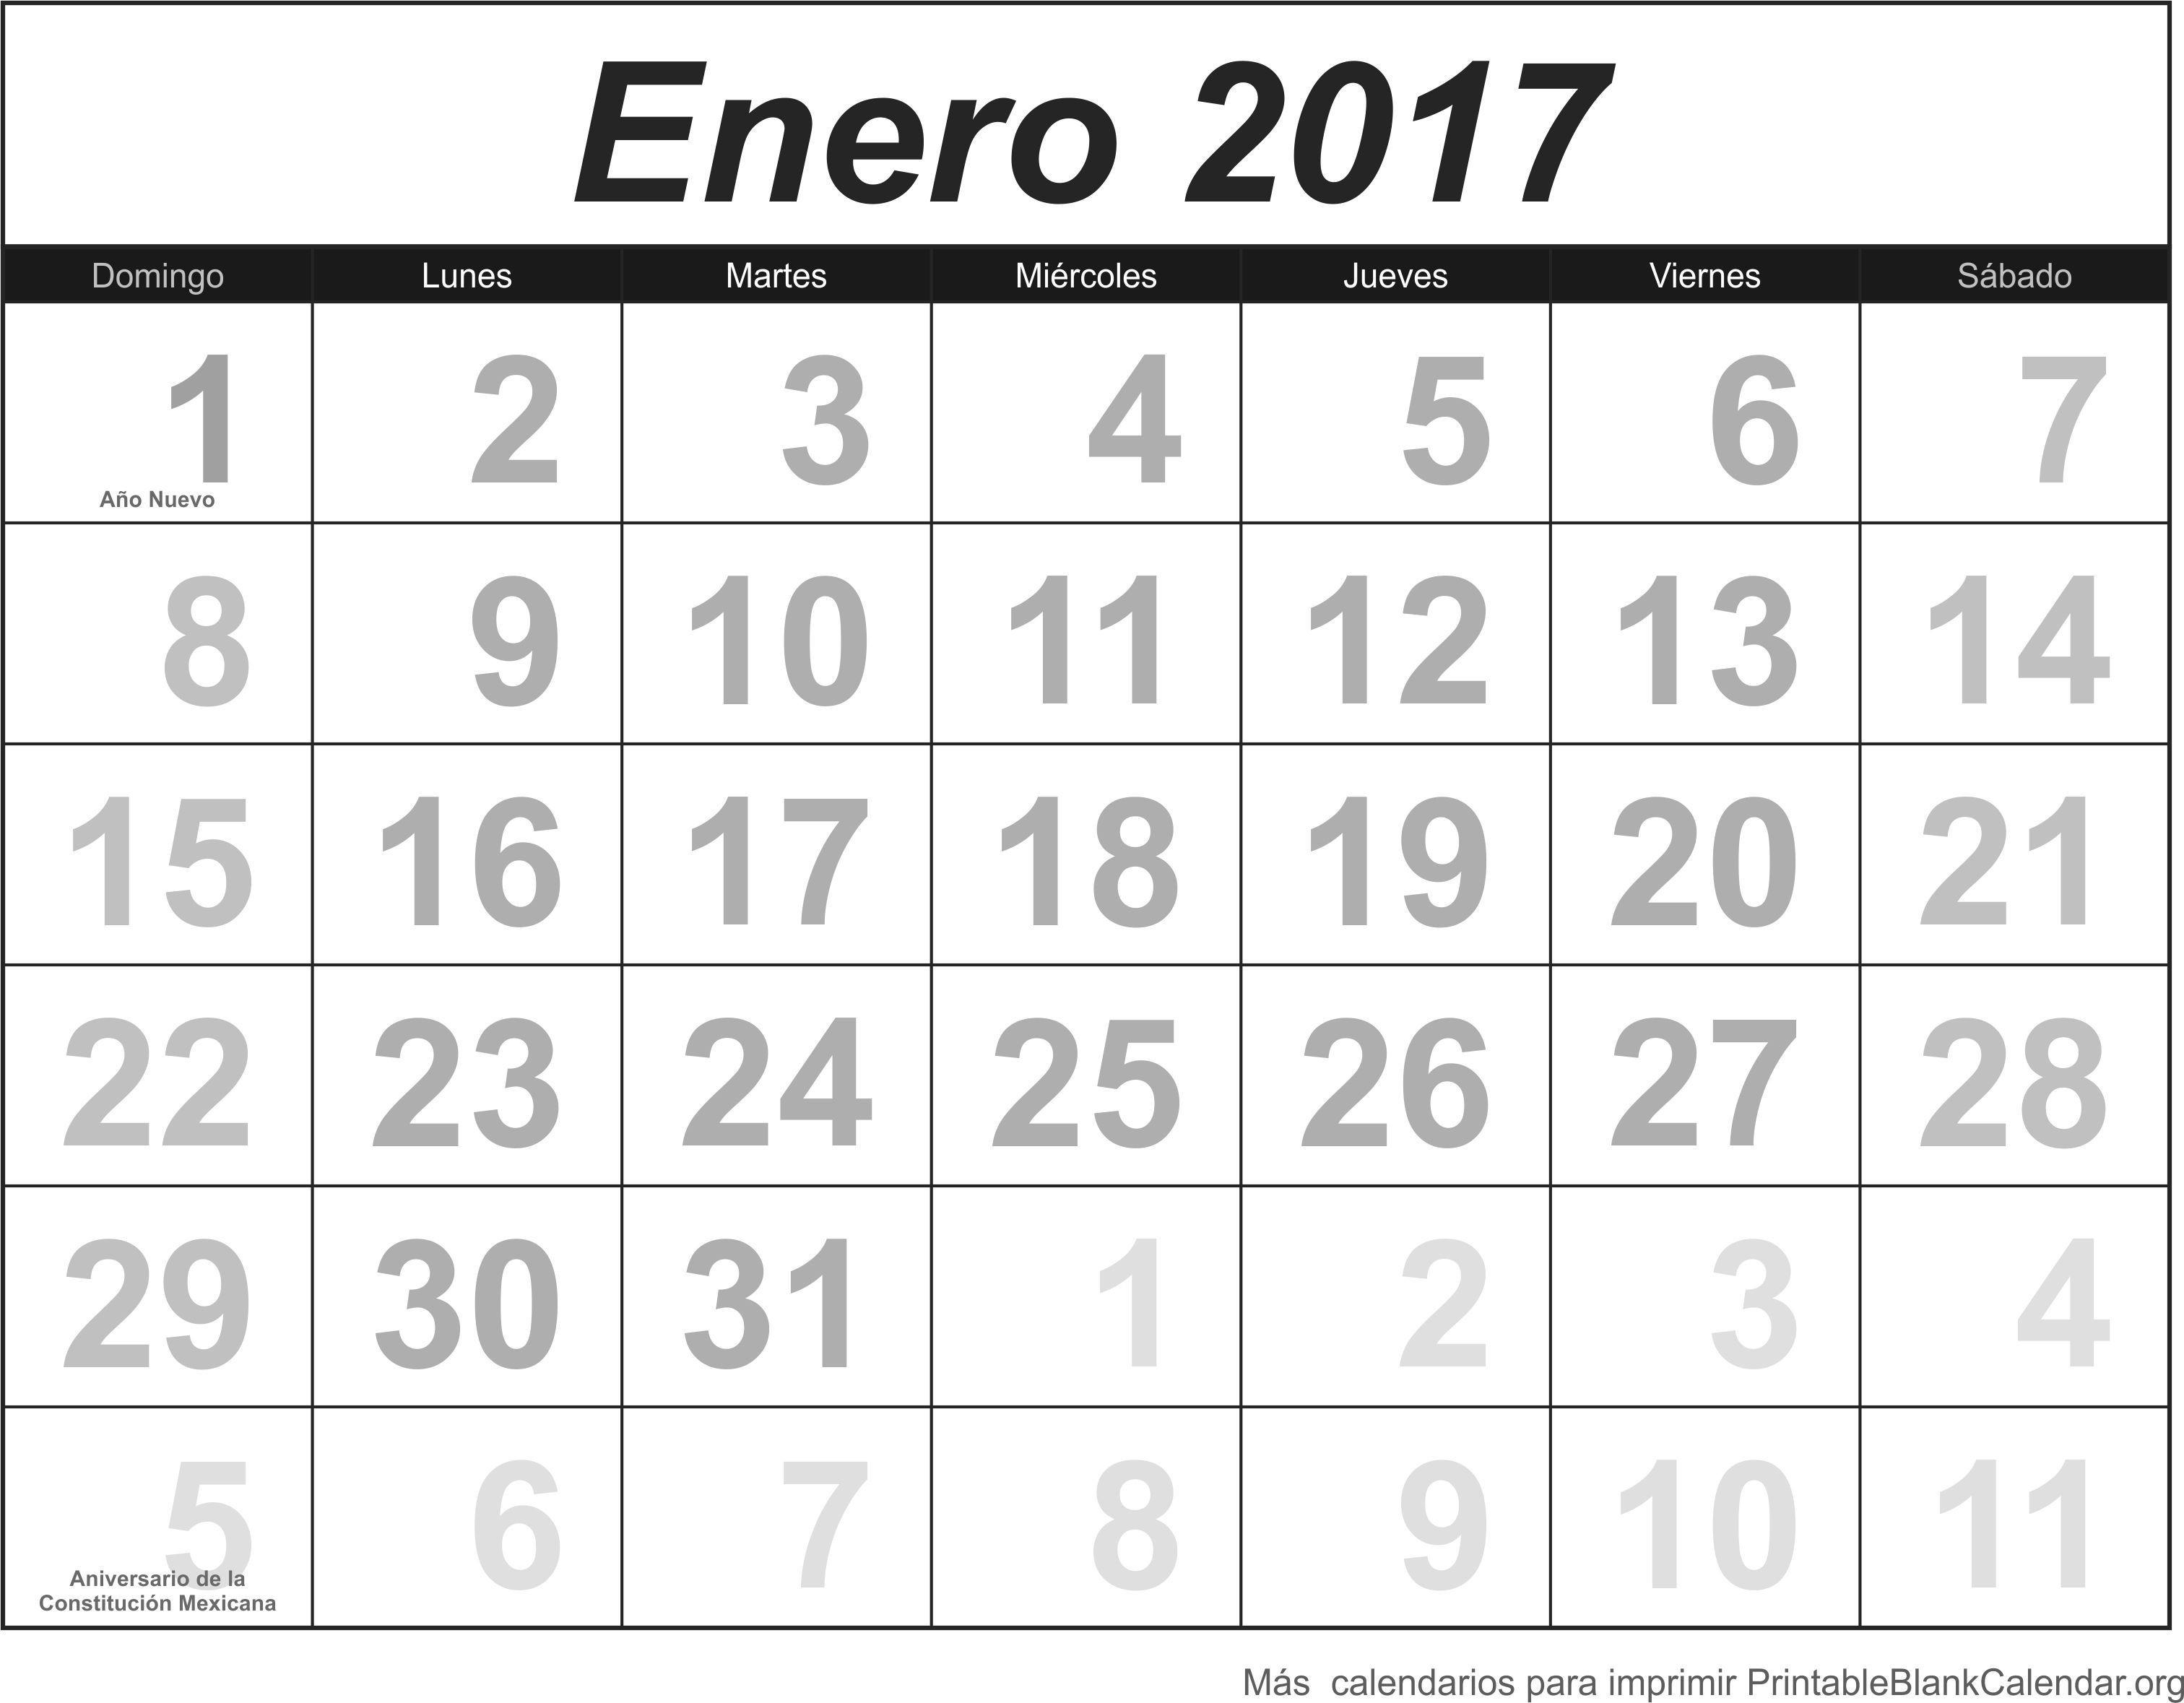 Calendario Laboral 2017 Imprimir Por Meses Más Arriba-a-fecha Best Calendario Del Mes De Enero 2017 Para Imprimir Image Collection Of Calendario Laboral 2017 Imprimir Por Meses Más Actual Calendario 2016 Excel Calendario Mensual 2015 Excel Calendario